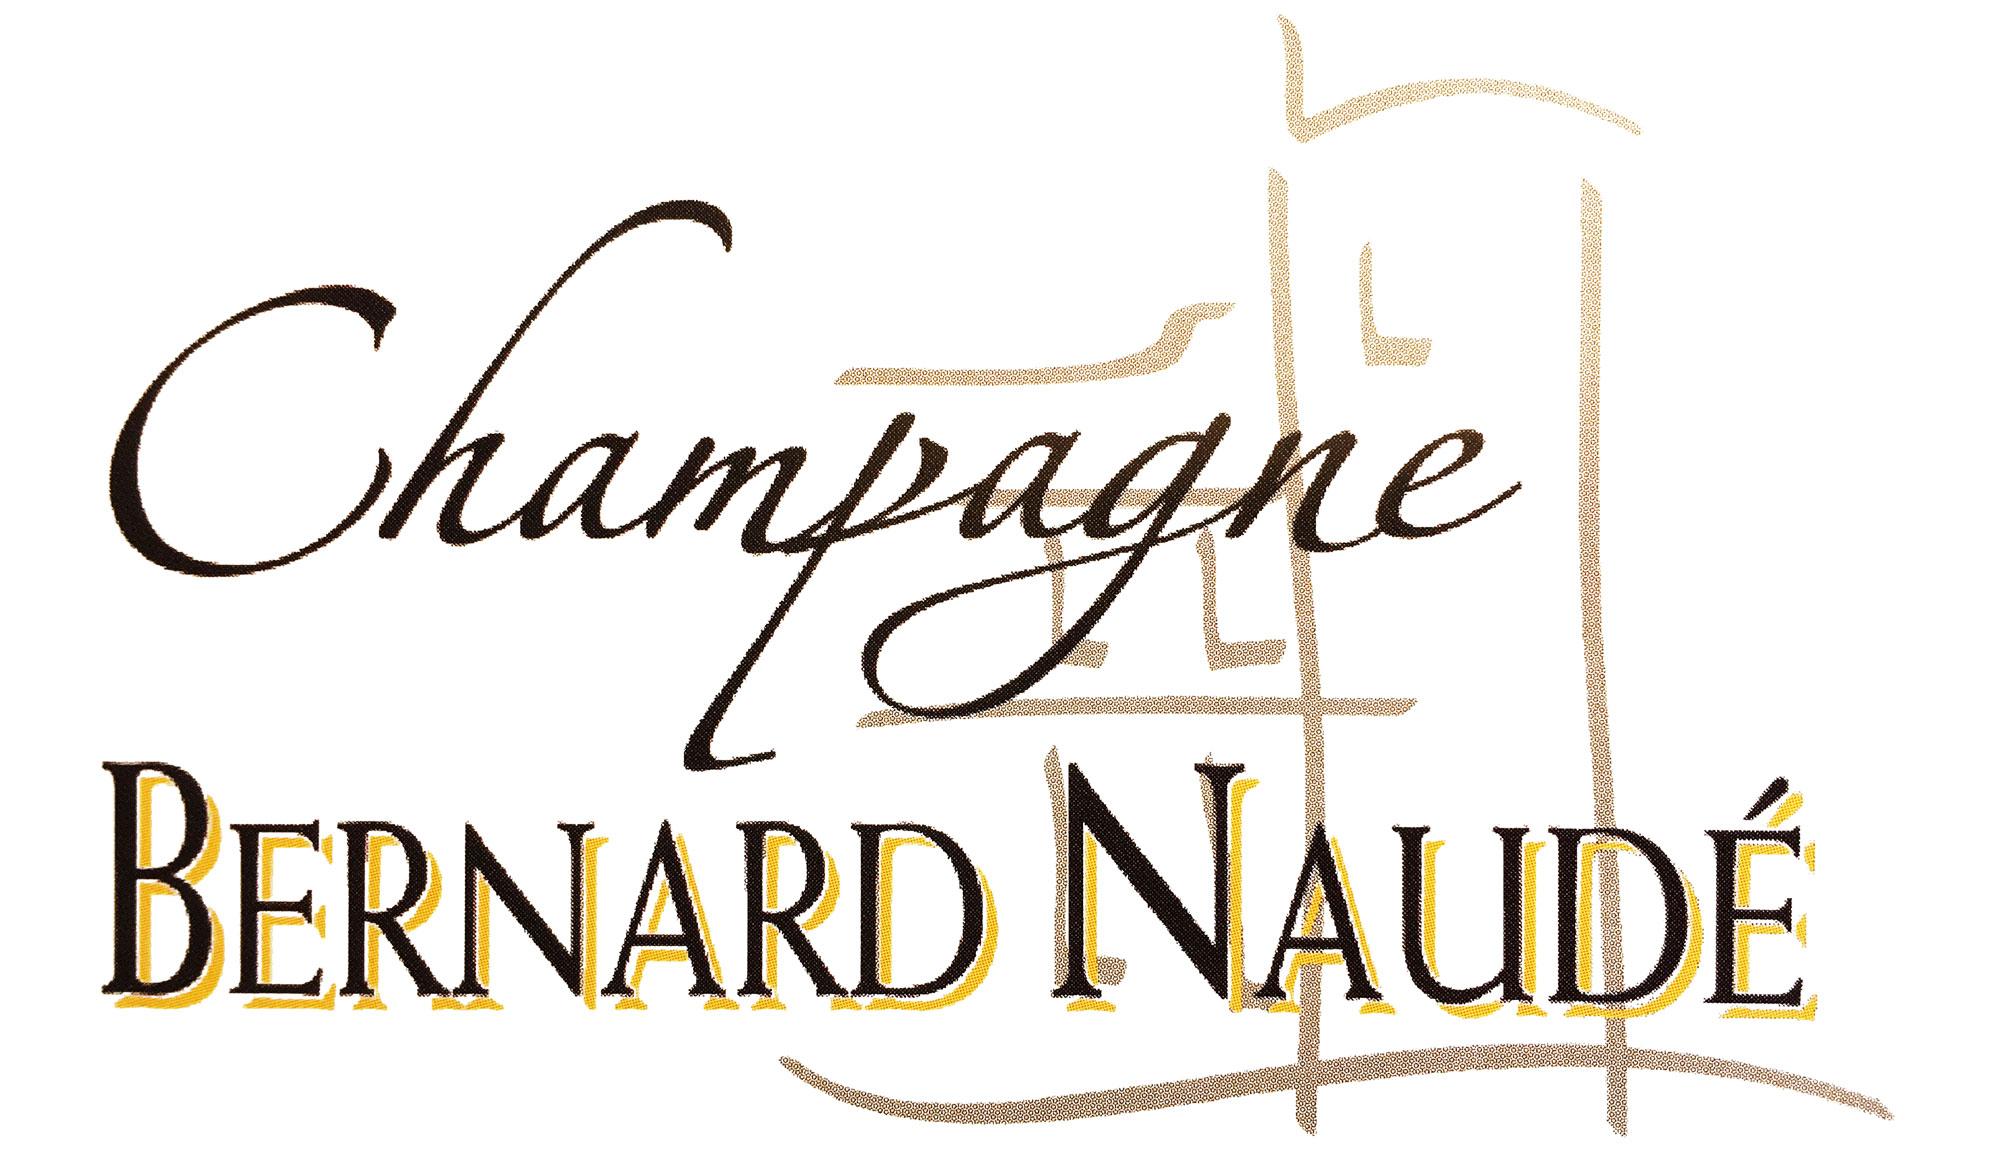 Champagne Bernard Naudé